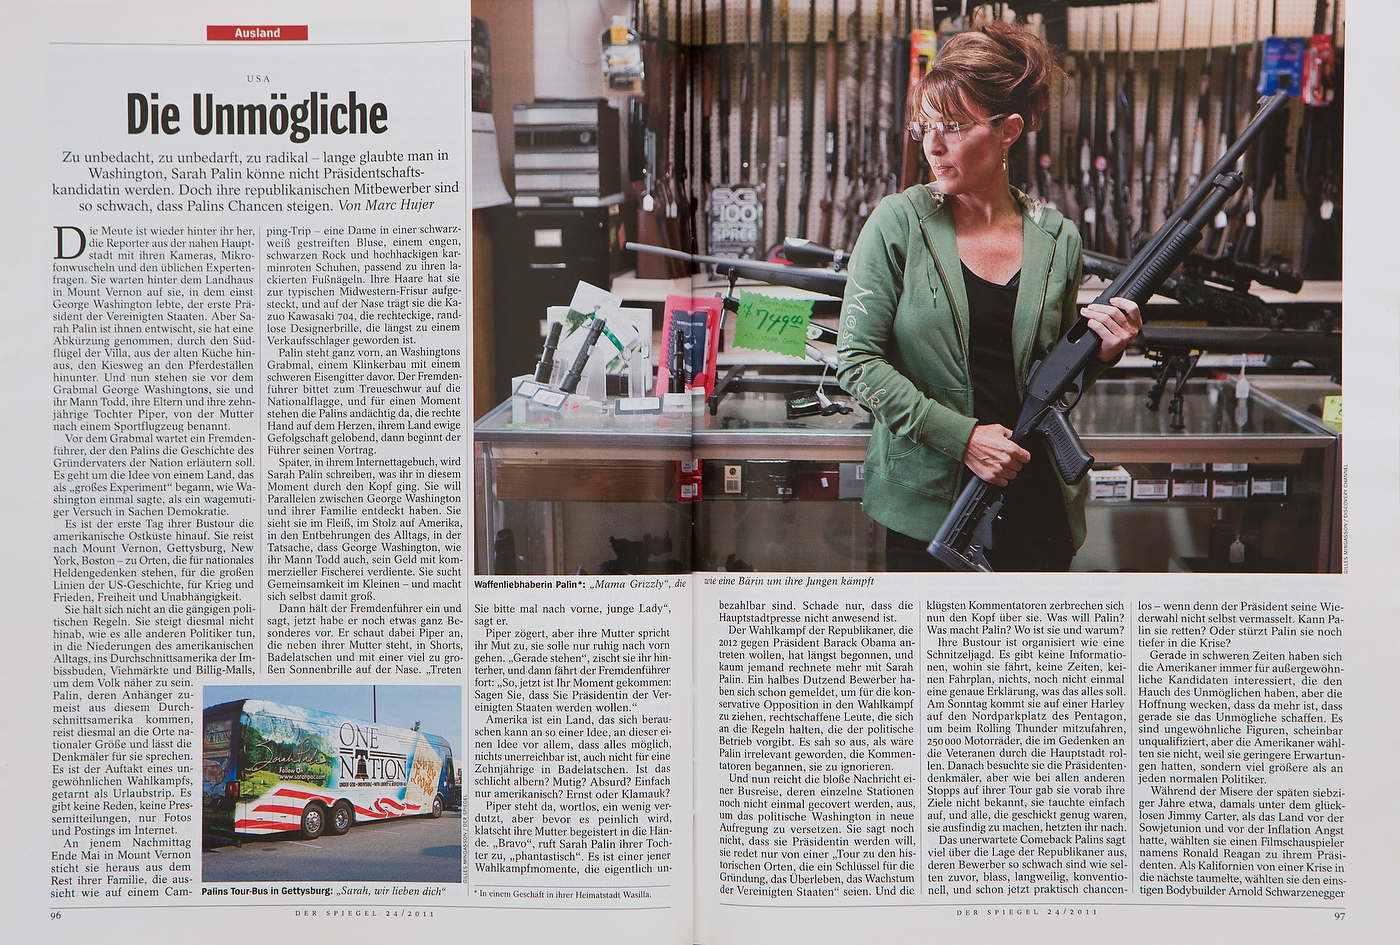 Der Spiegel (Germany).